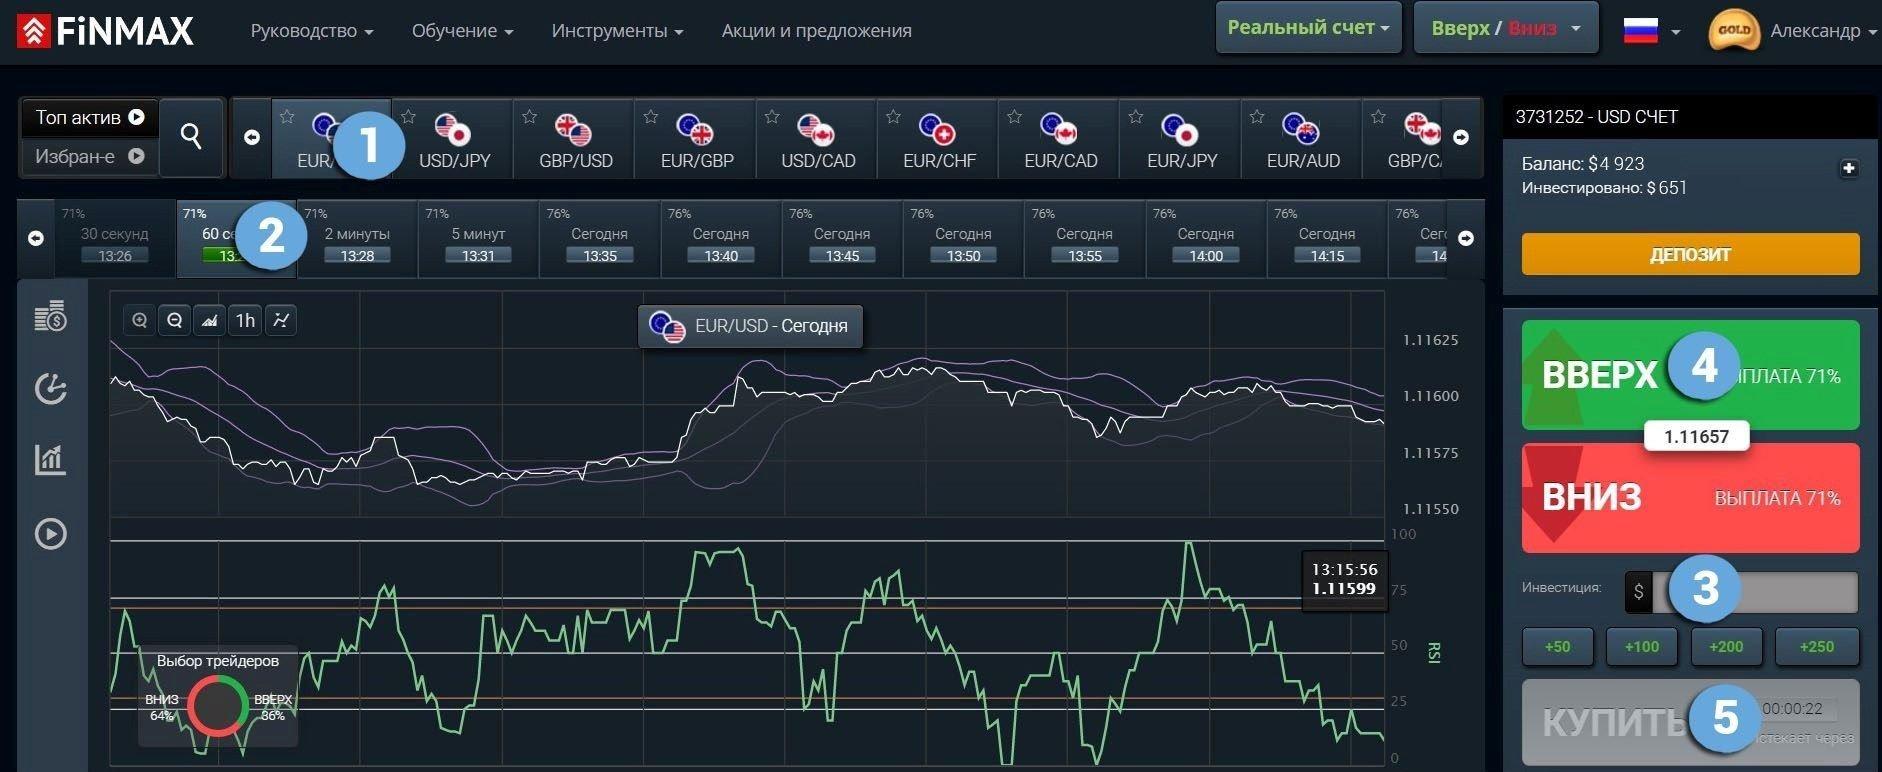 Торговля с индикатором Чайкина при пересечении с сигнальной линией